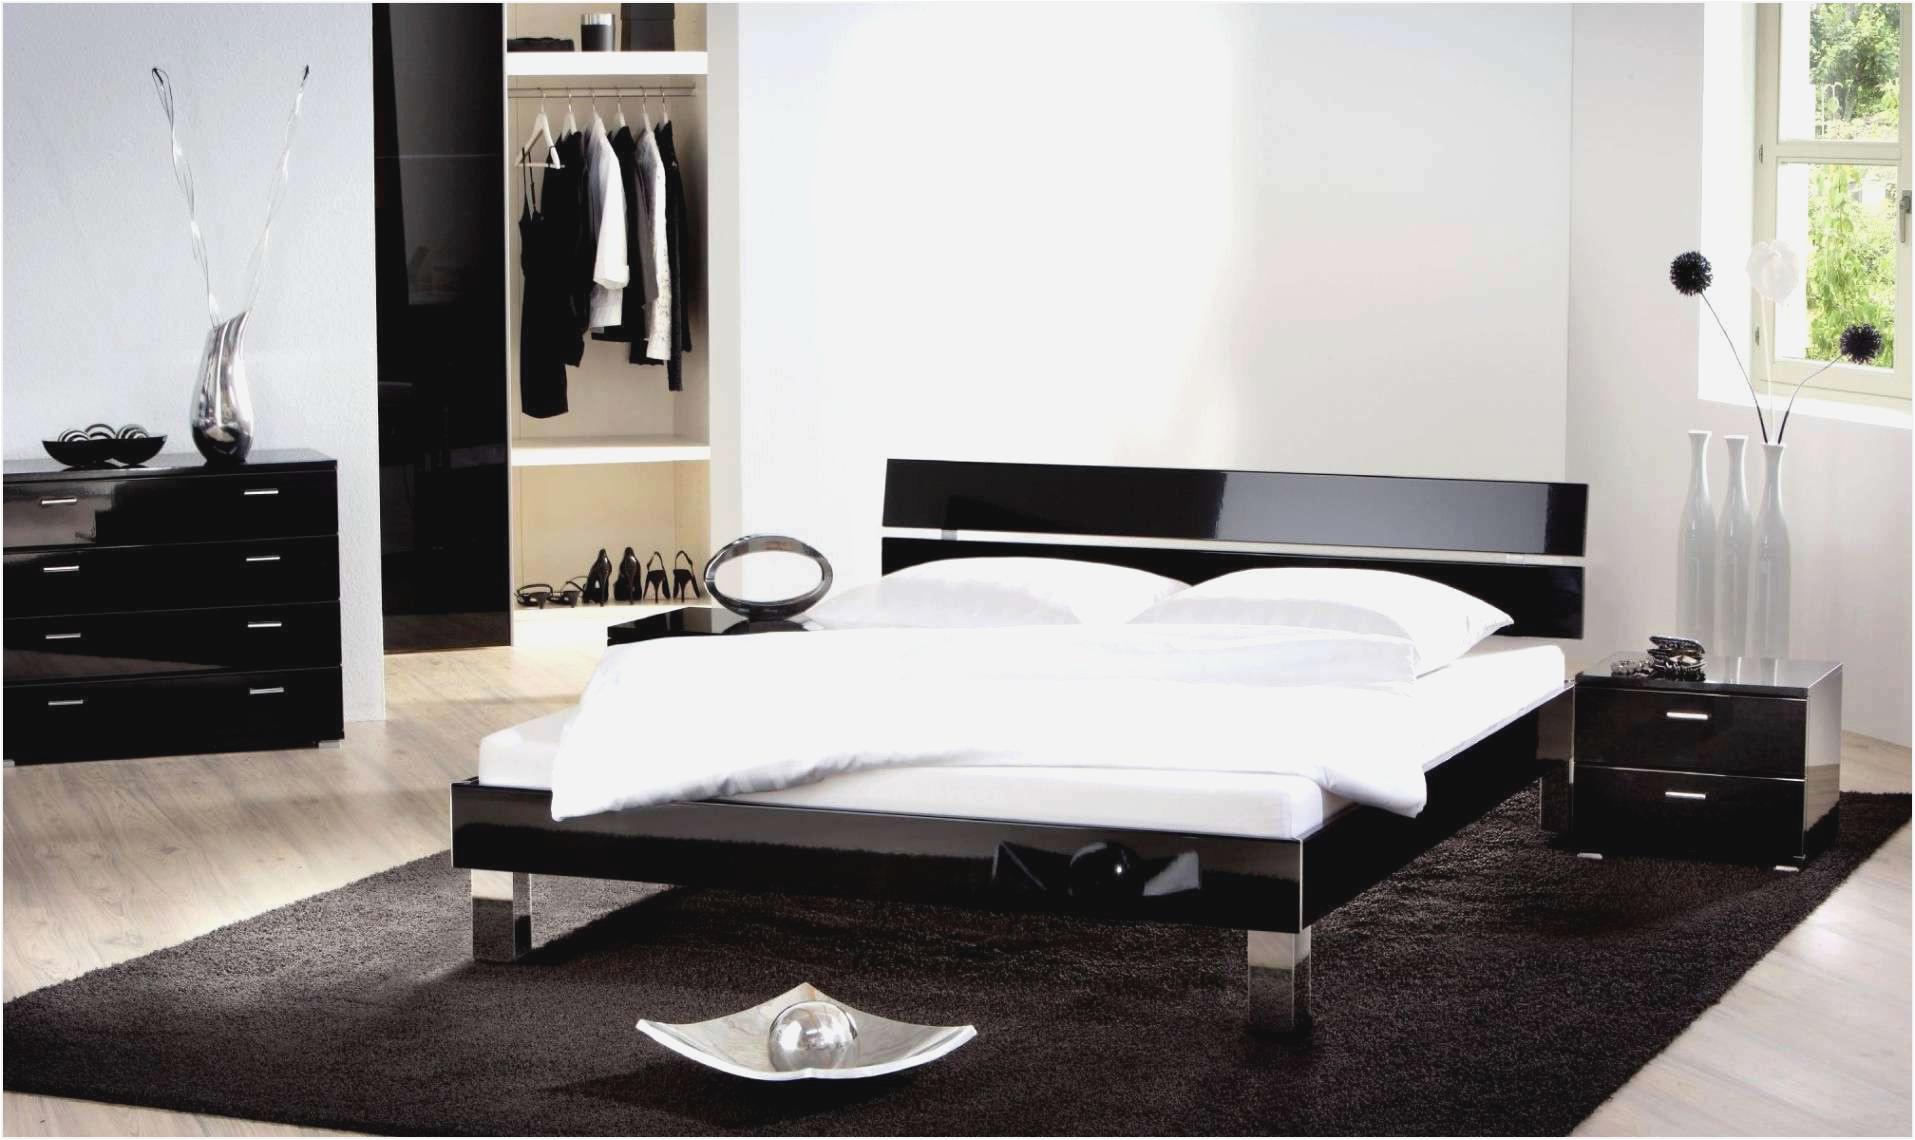 Schlafzimmer Ideen Rot Schwarz Idee Dekoration Schlafzimmer Mit Polsterbett Schwarz